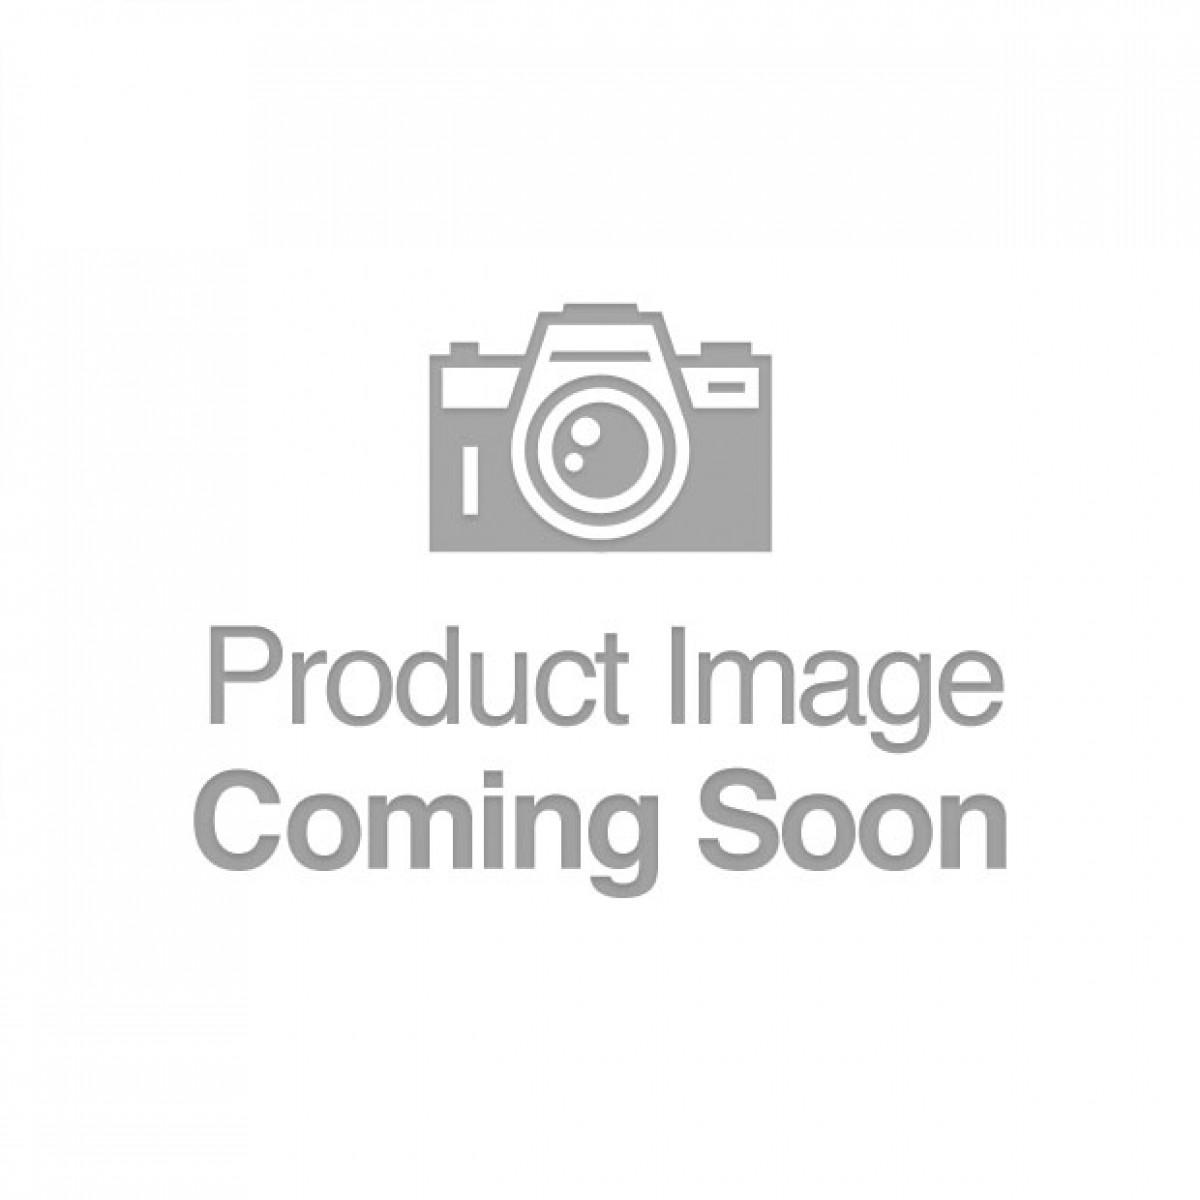 Blush M for Men Self Lubricating Vibrating Stroker Sleeve Kit - Vanilla Pack of 3